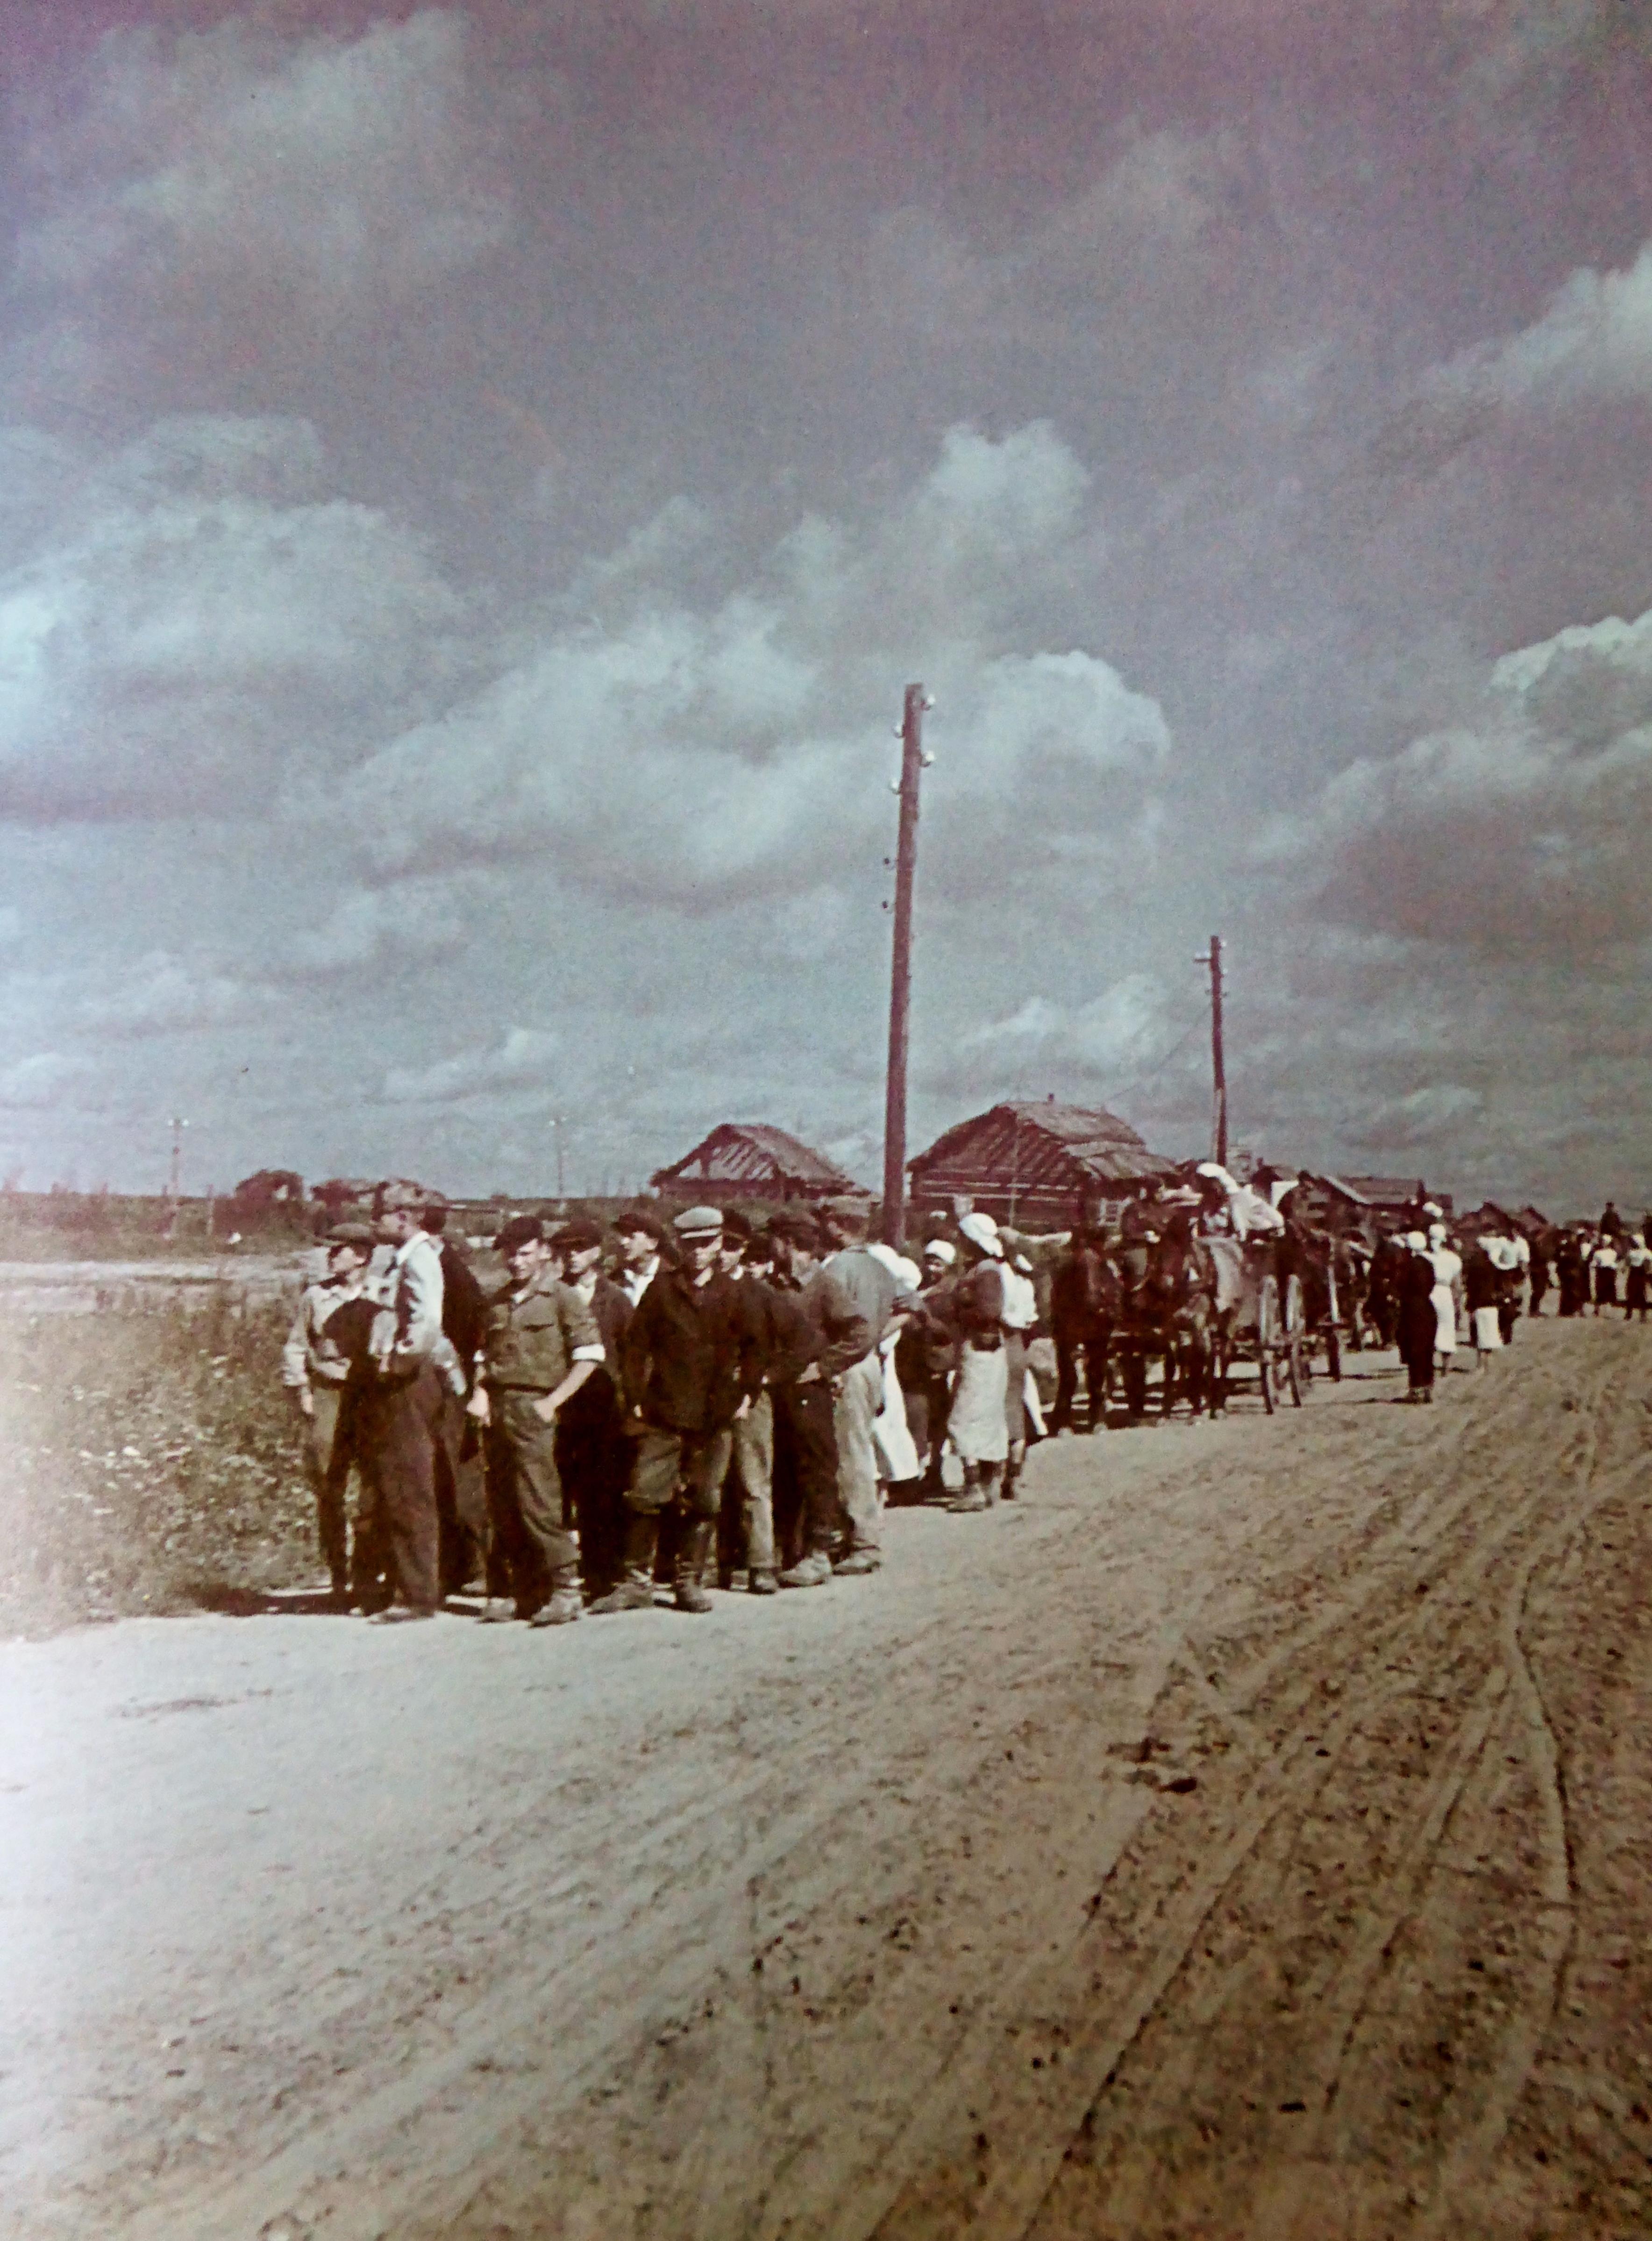 Колонна деревенских жителей на оккупированной территории СССР